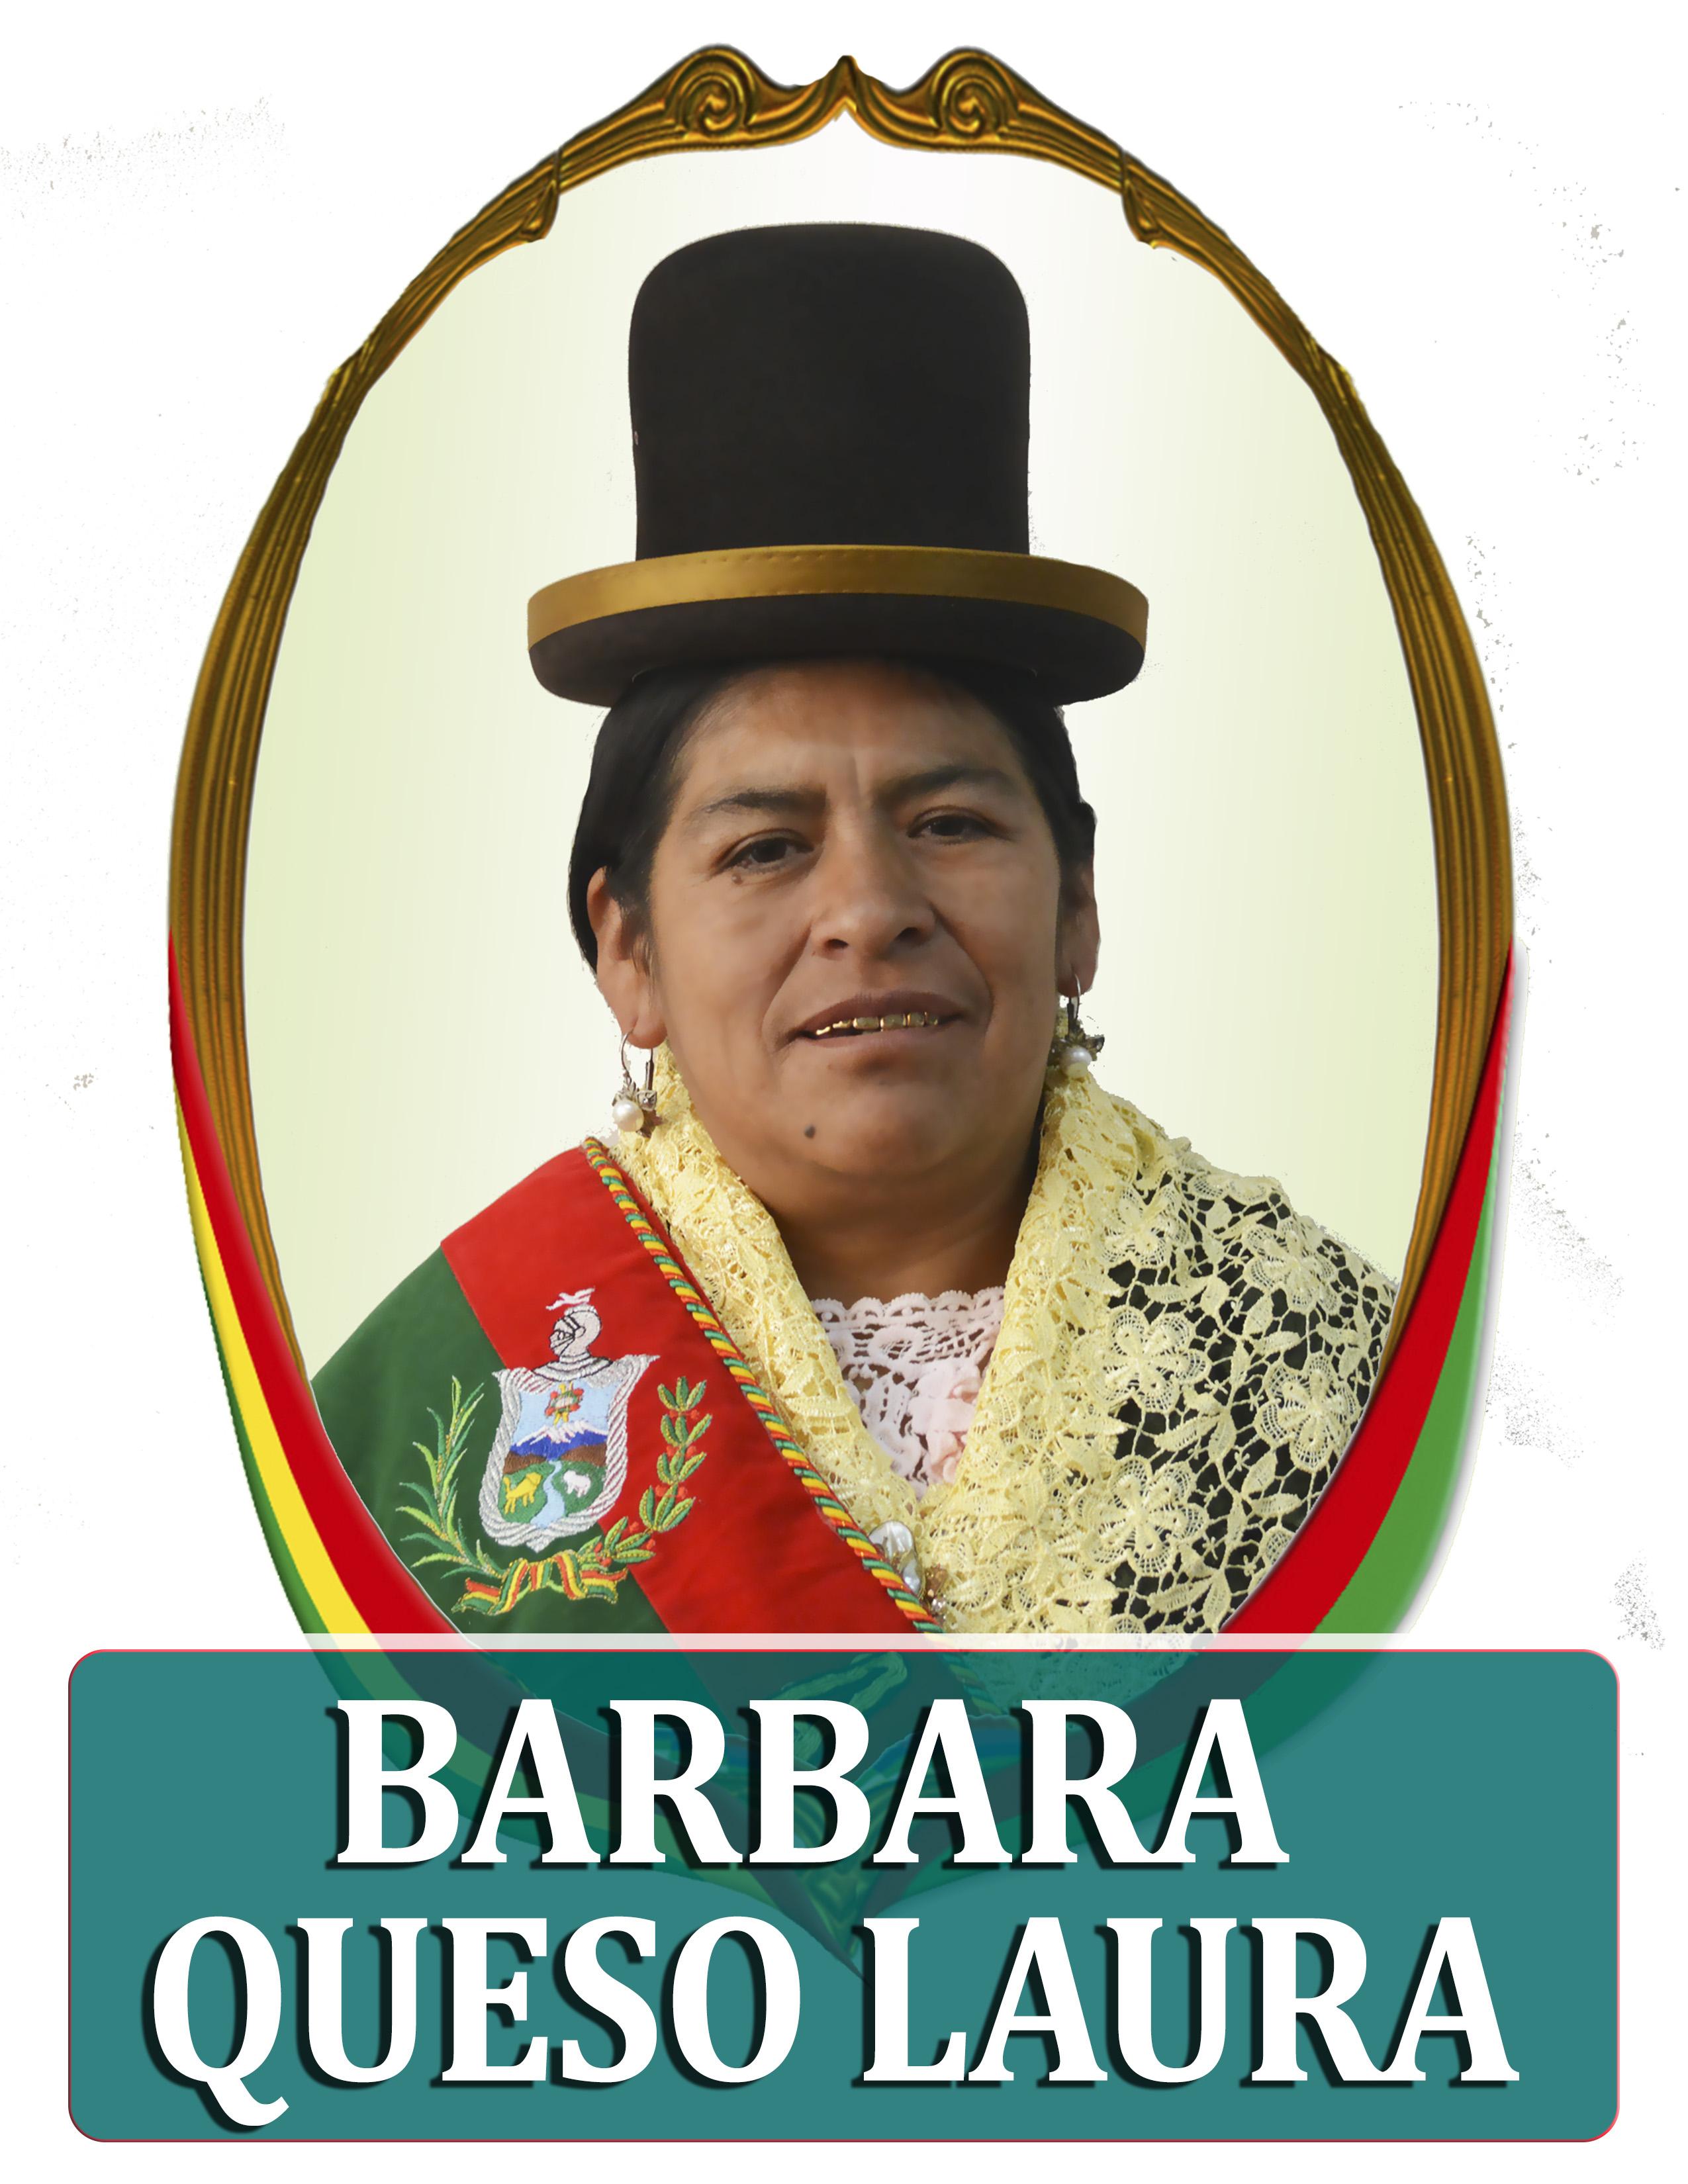 BARBARA QUESO LAURA